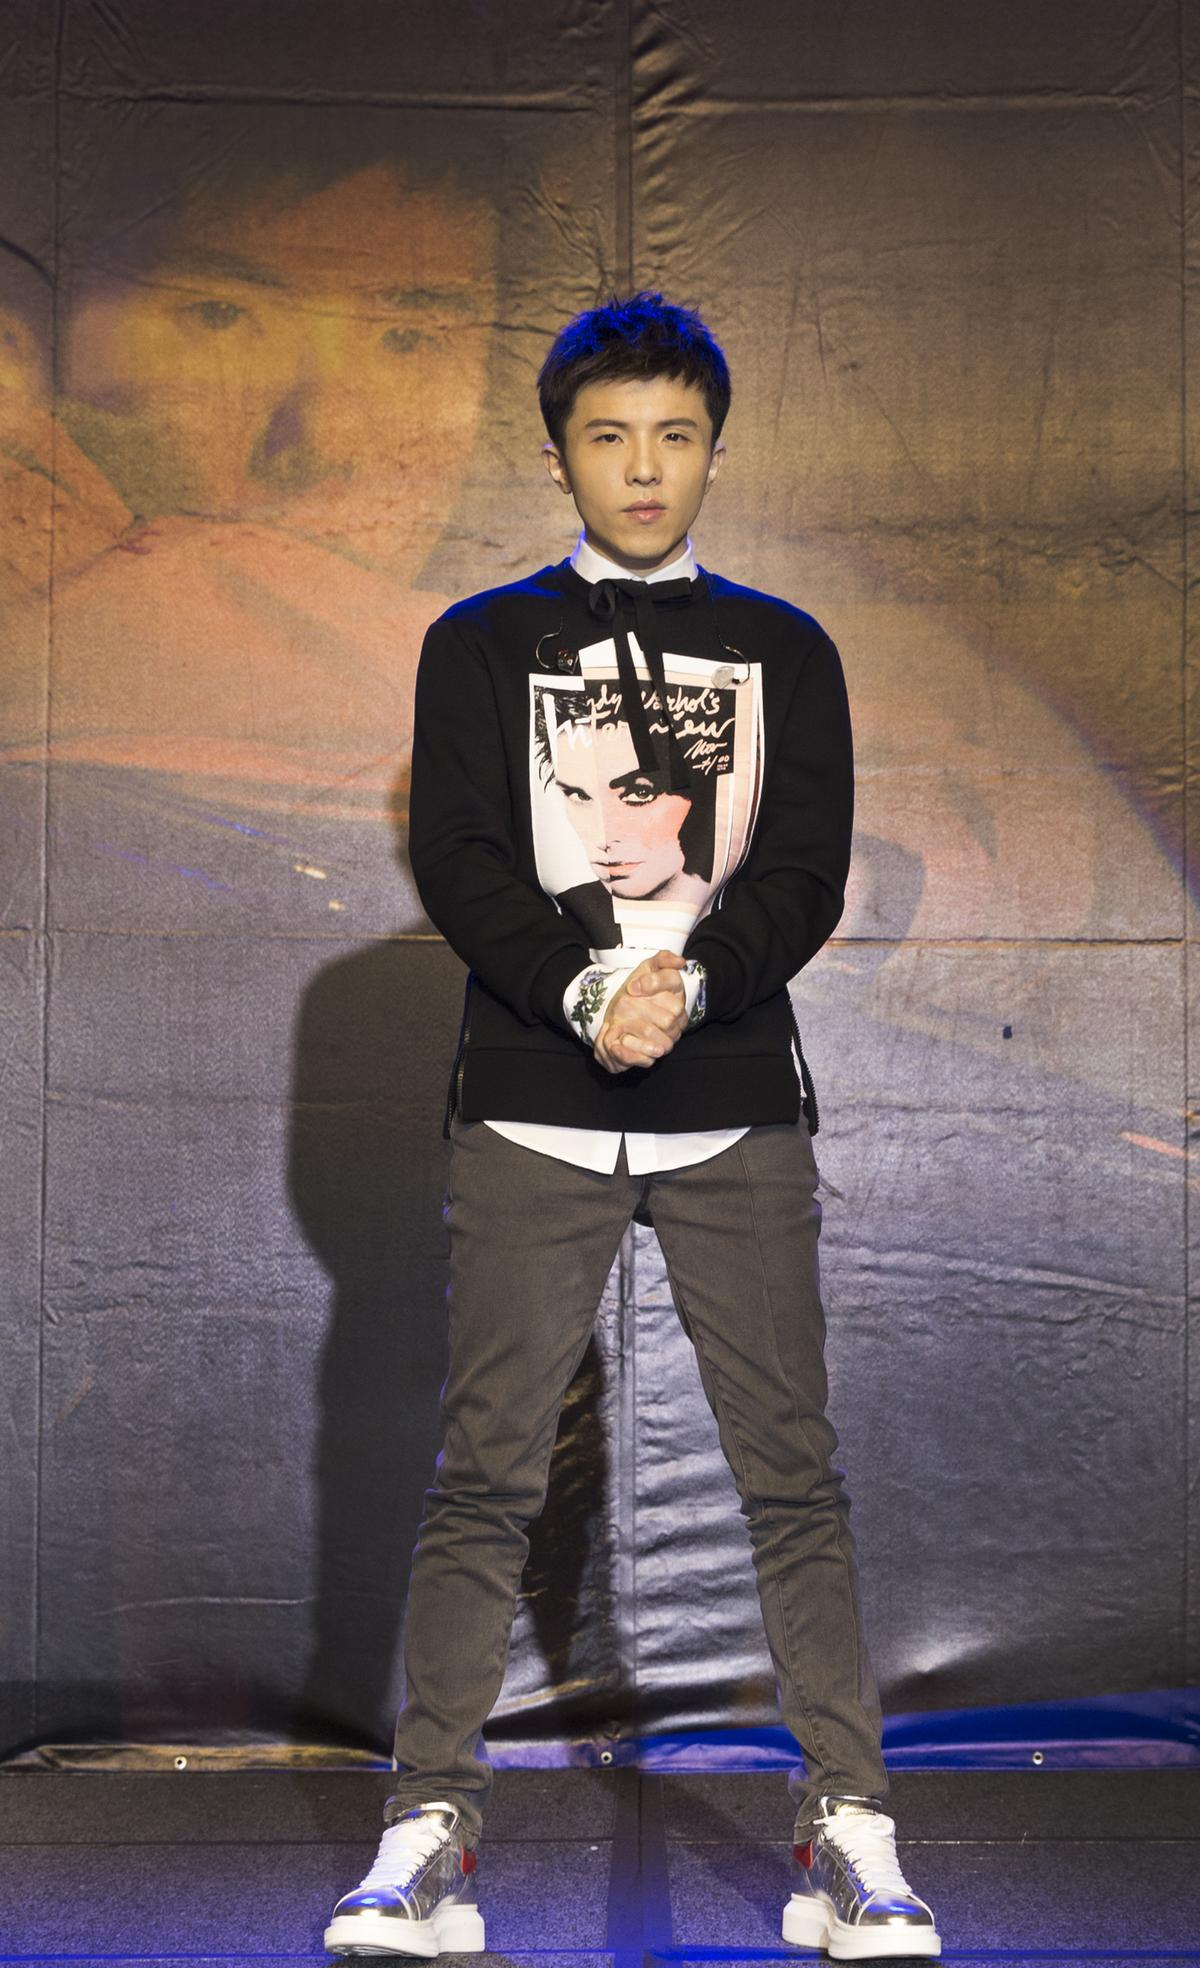 久違的小宇推出《同在》專輯,能寫能唱,喚醒歌迷回憶。 (圖:華納提供)